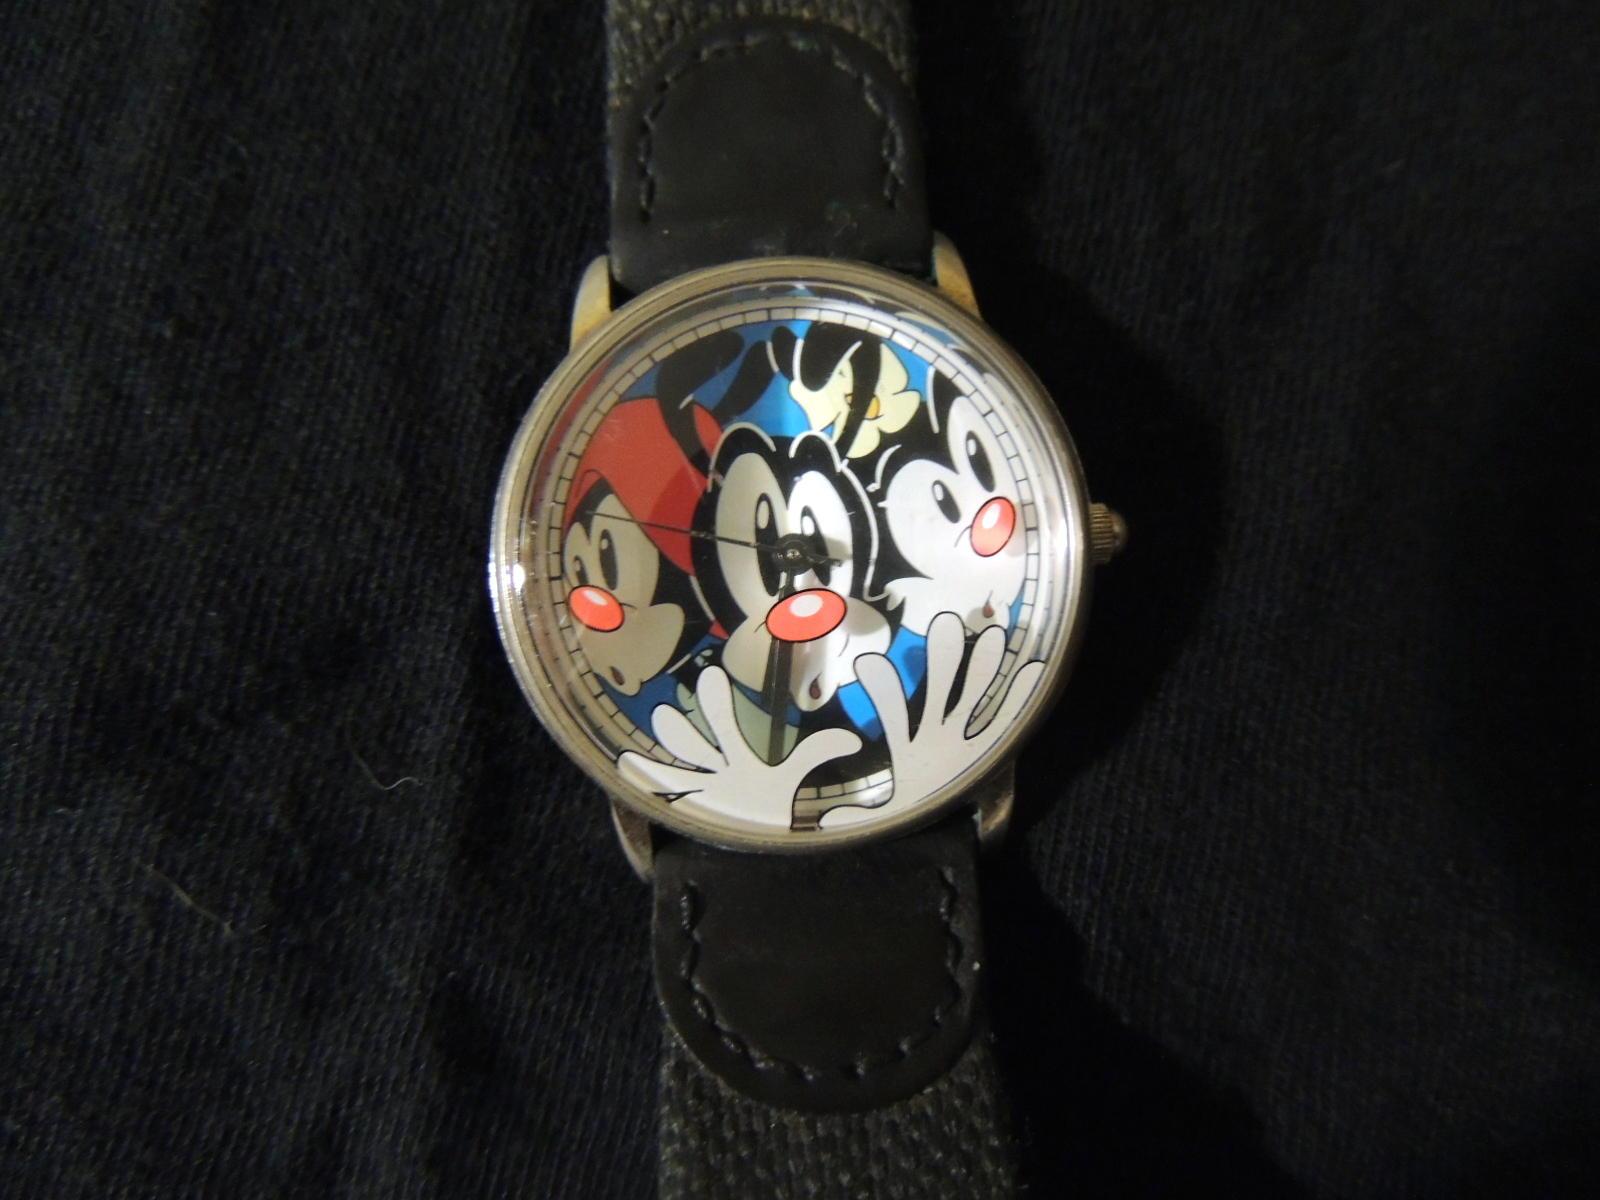 Animaniacs Wrist Watch